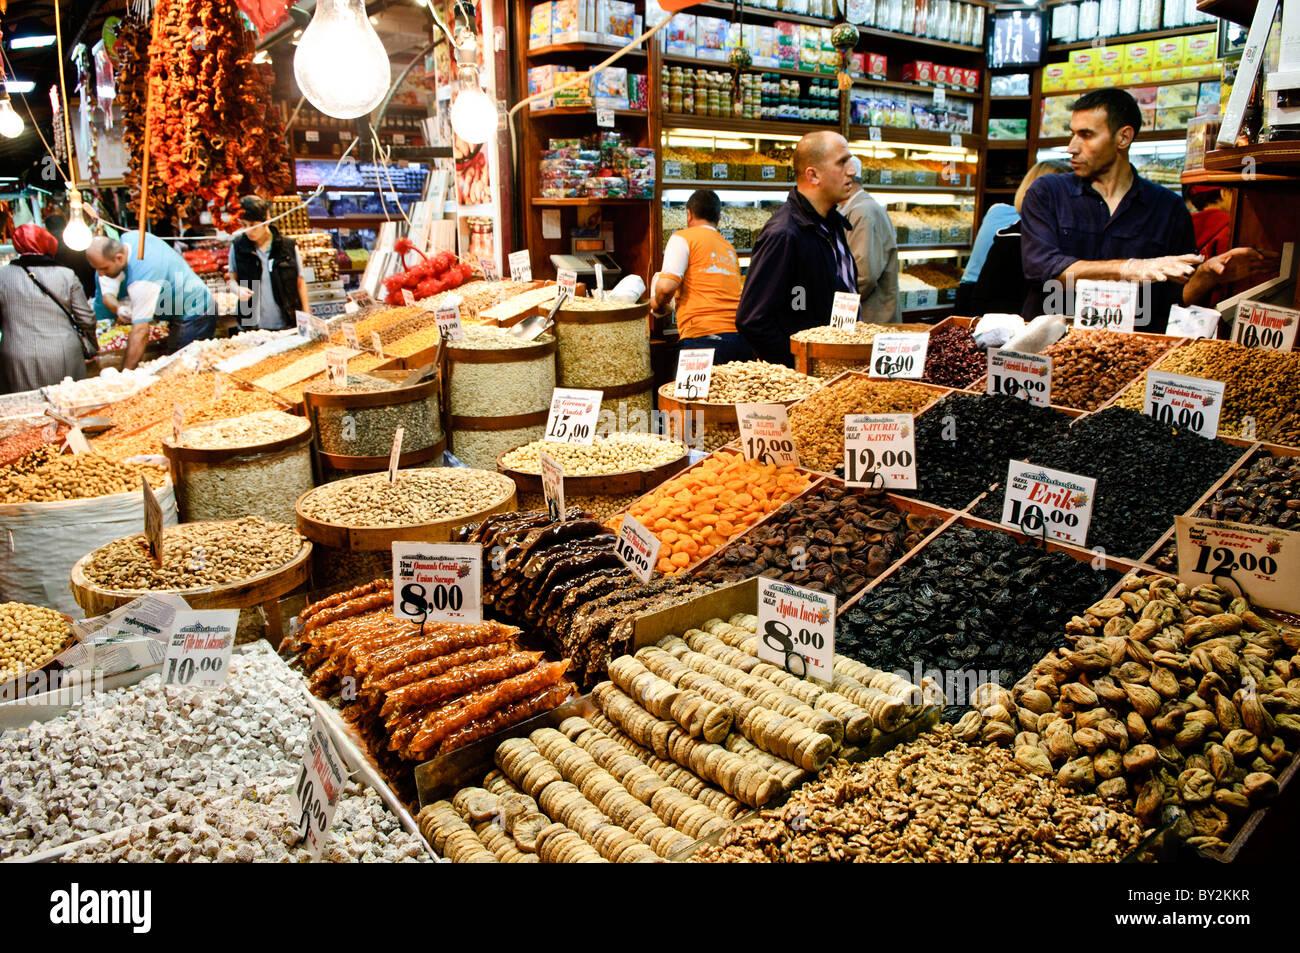 086a17986bdb Les fruits séchés et les noix devant un magasin à côté du marché aux épices  (